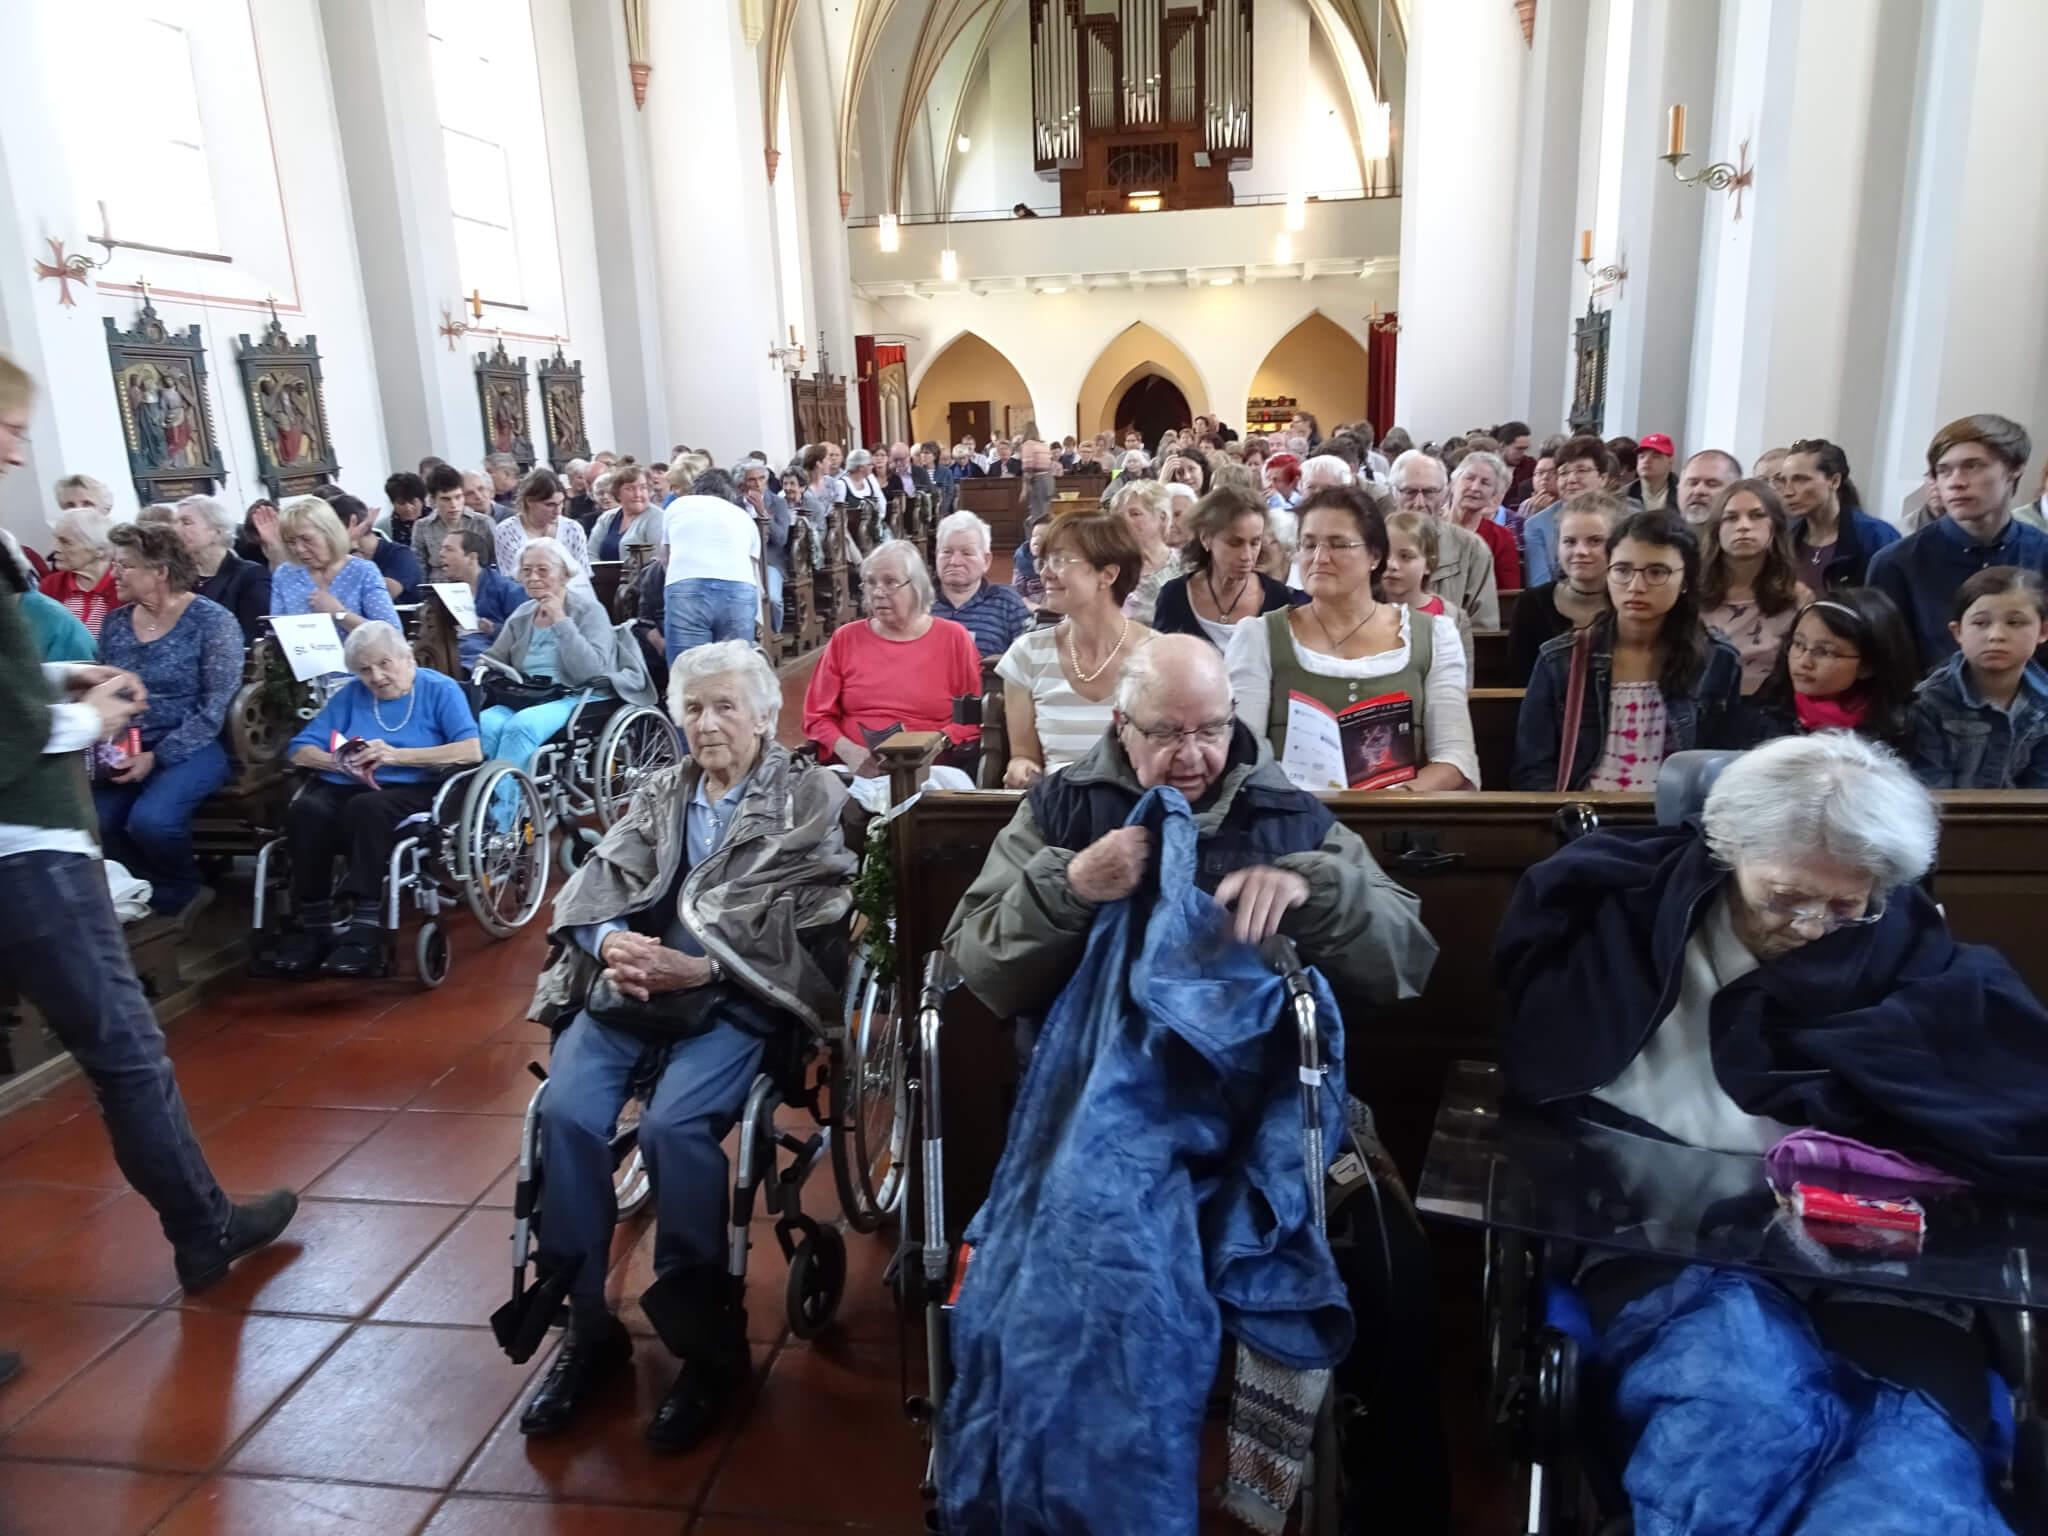 Insbesondere Senioren, die in Seniorenwohnheimen leben, waren zu dem Bach-Konzert eingeladen.